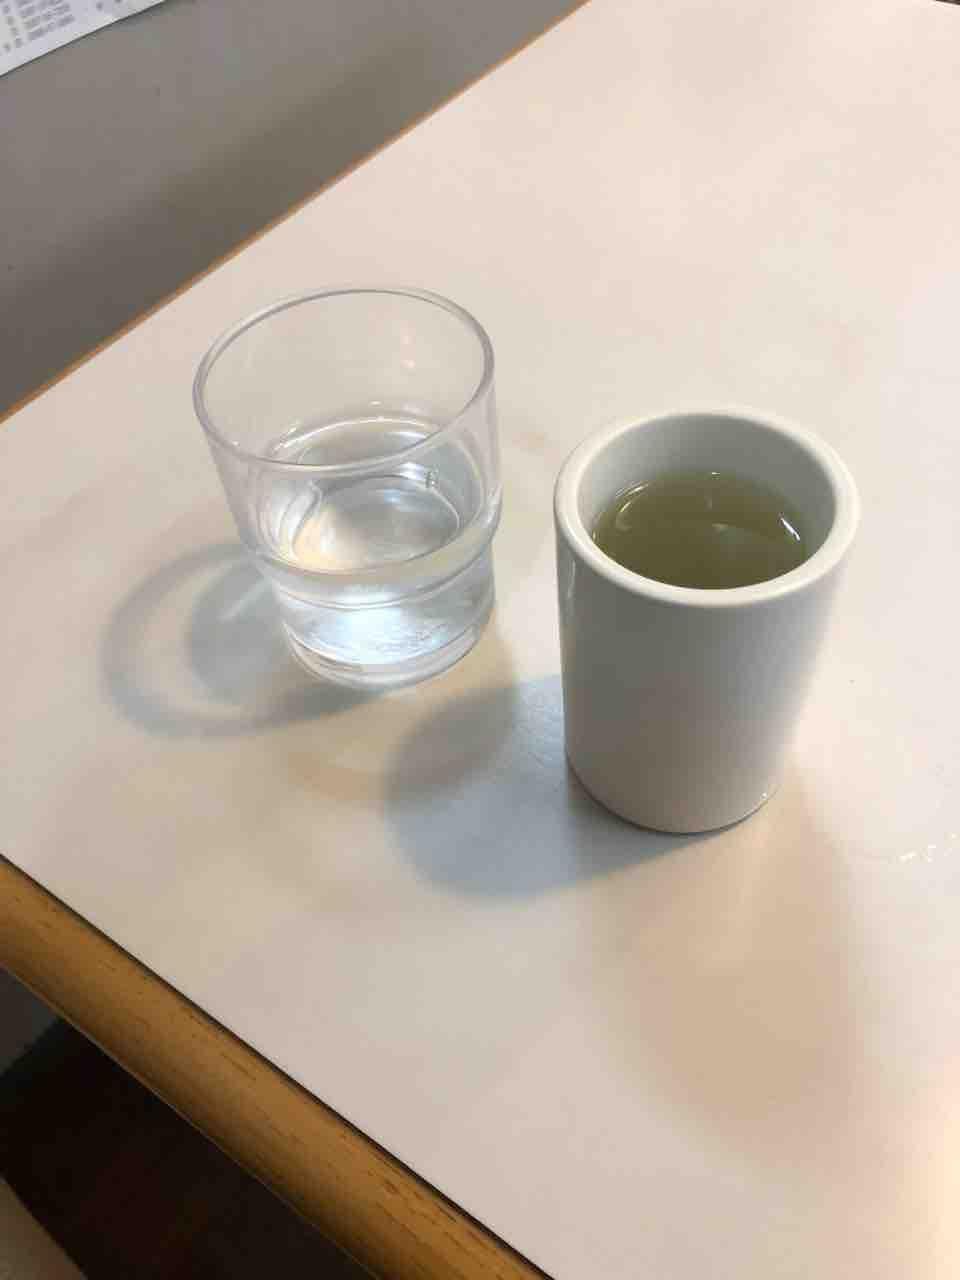 『やきそばとお好み焼 プラザ』昆布茶?梅昆布茶?